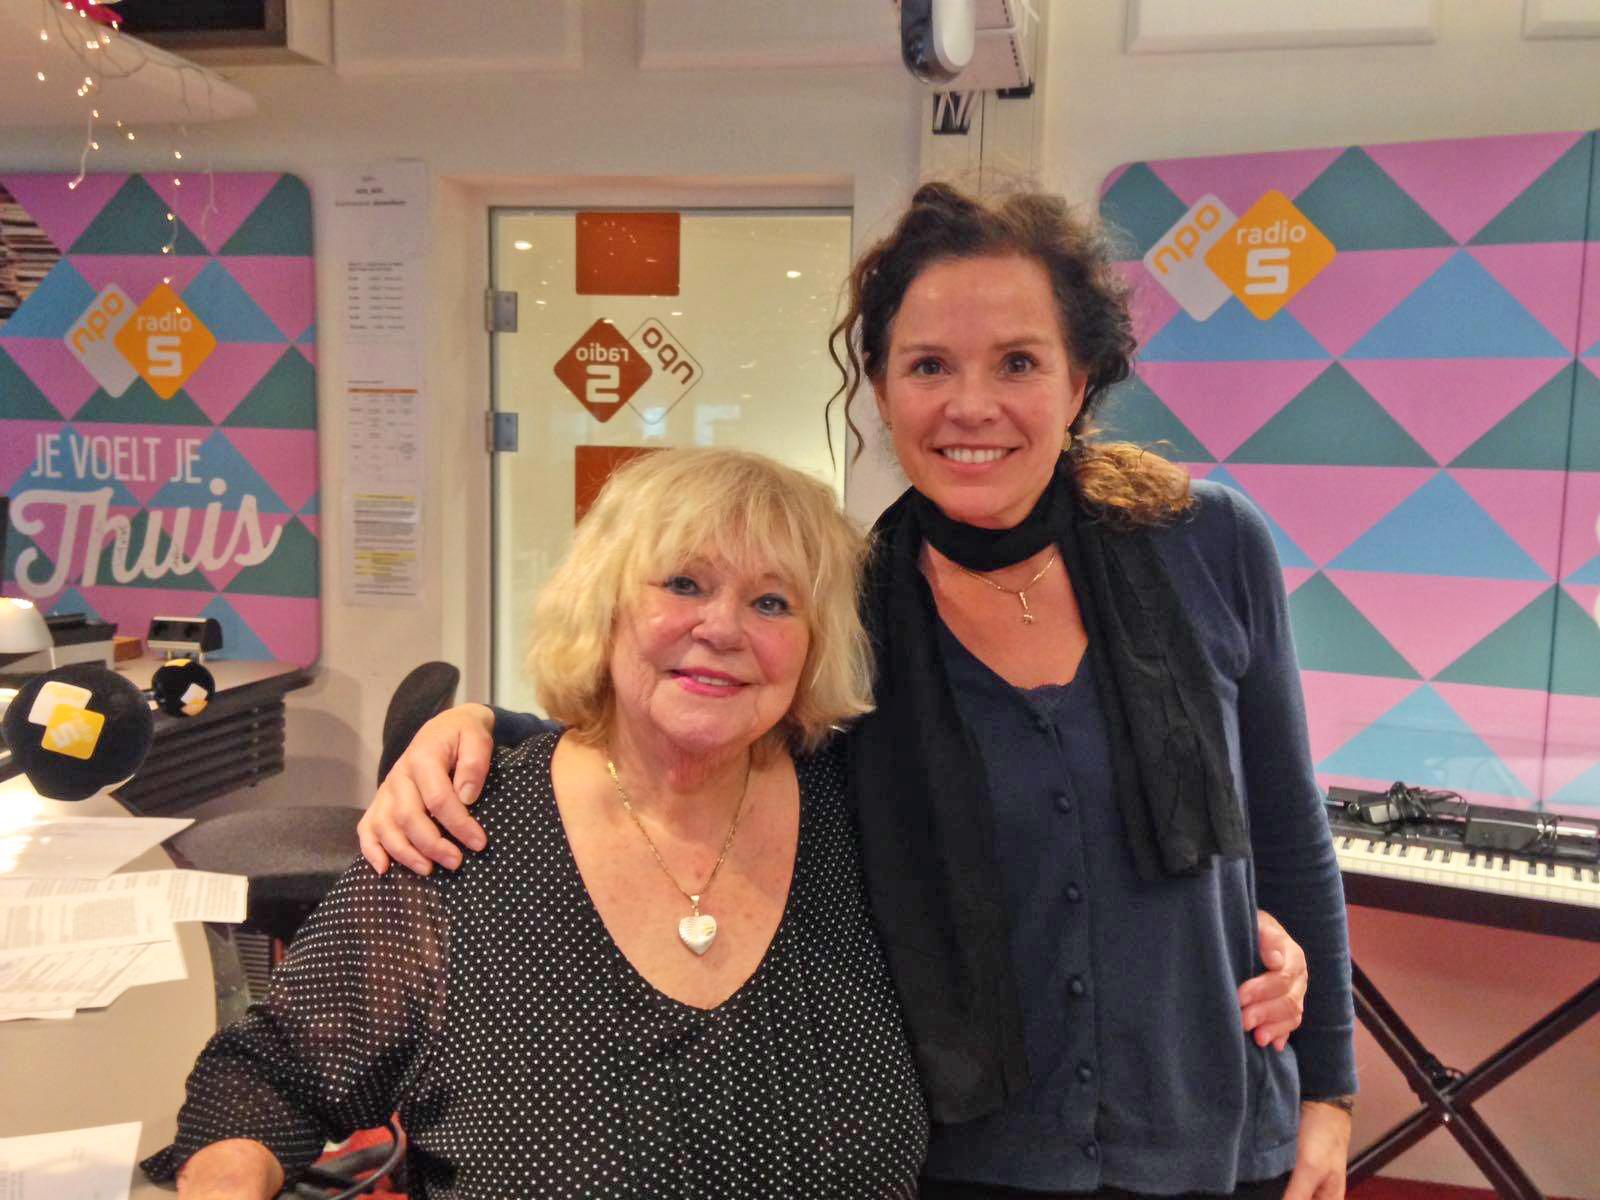 Nicole in de TinekeShow, NPO Radio5, maart 2017